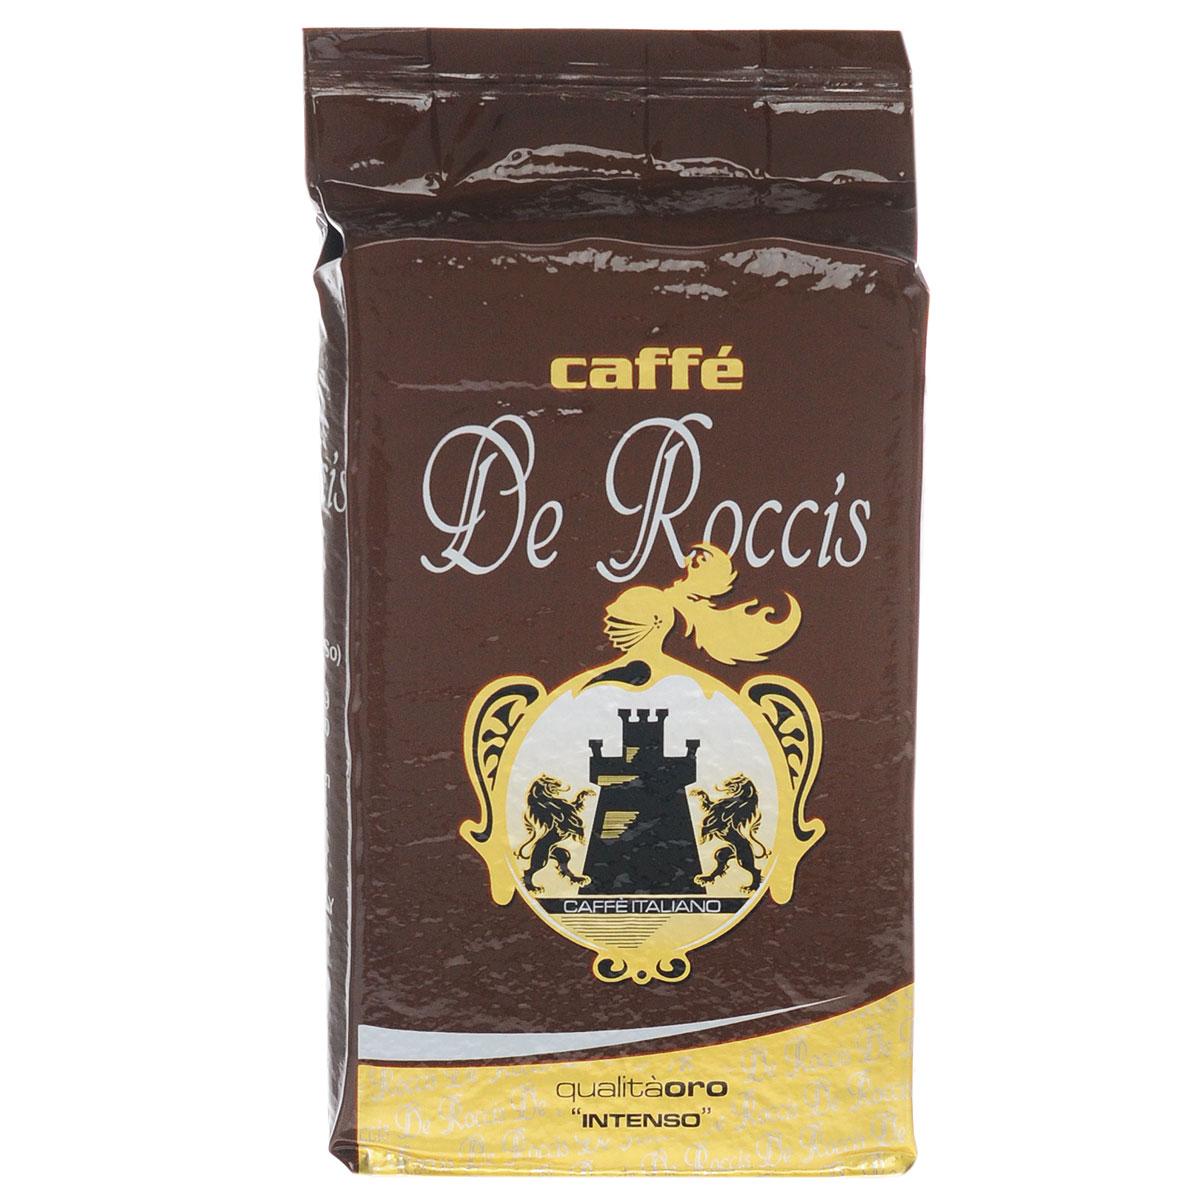 De Roccis Oro кофе молотый, 250 г8016115000219De Roccis Oro - превосходный итальянский молотый кофе средней обжарки, обладающий сладким и душистым ароматом. Кофейная смесь предназначена для повседневного домашнего использования. Его аромат остается очень ярким, даже при добавлении в кофе молока. Состав смеси: 70% арабика, 30% робуста.